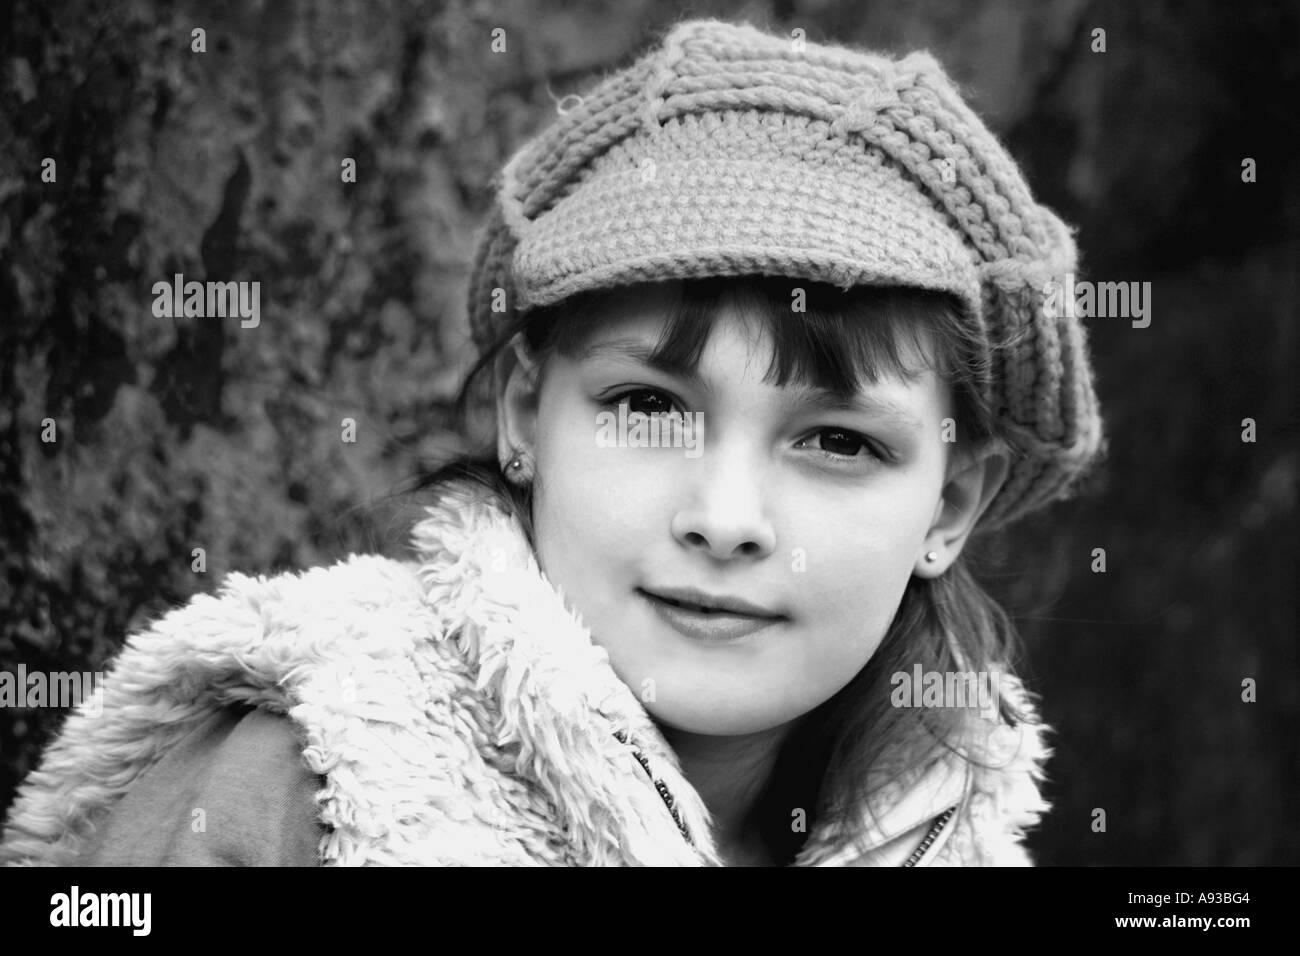 Horizontale Schwarz Weiß Porträt Von Hübschen Jungen Mädchen In